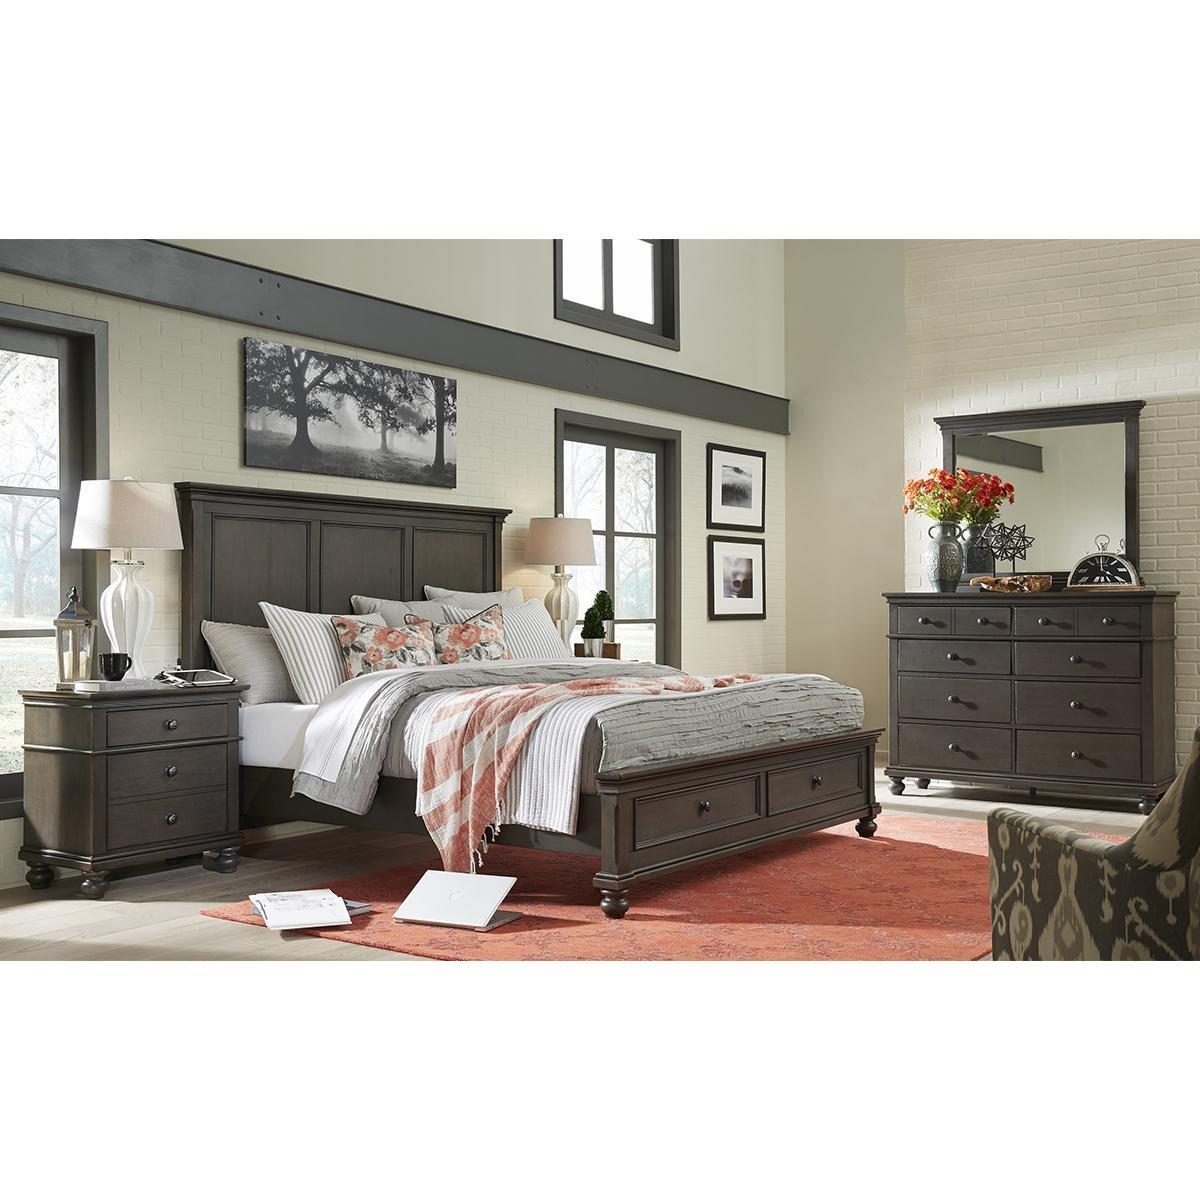 Queen Bedroom Set with Storage Drawers New Riva Ridge Oxford 4 Piece Queen Bedroom Set In Peppercorn